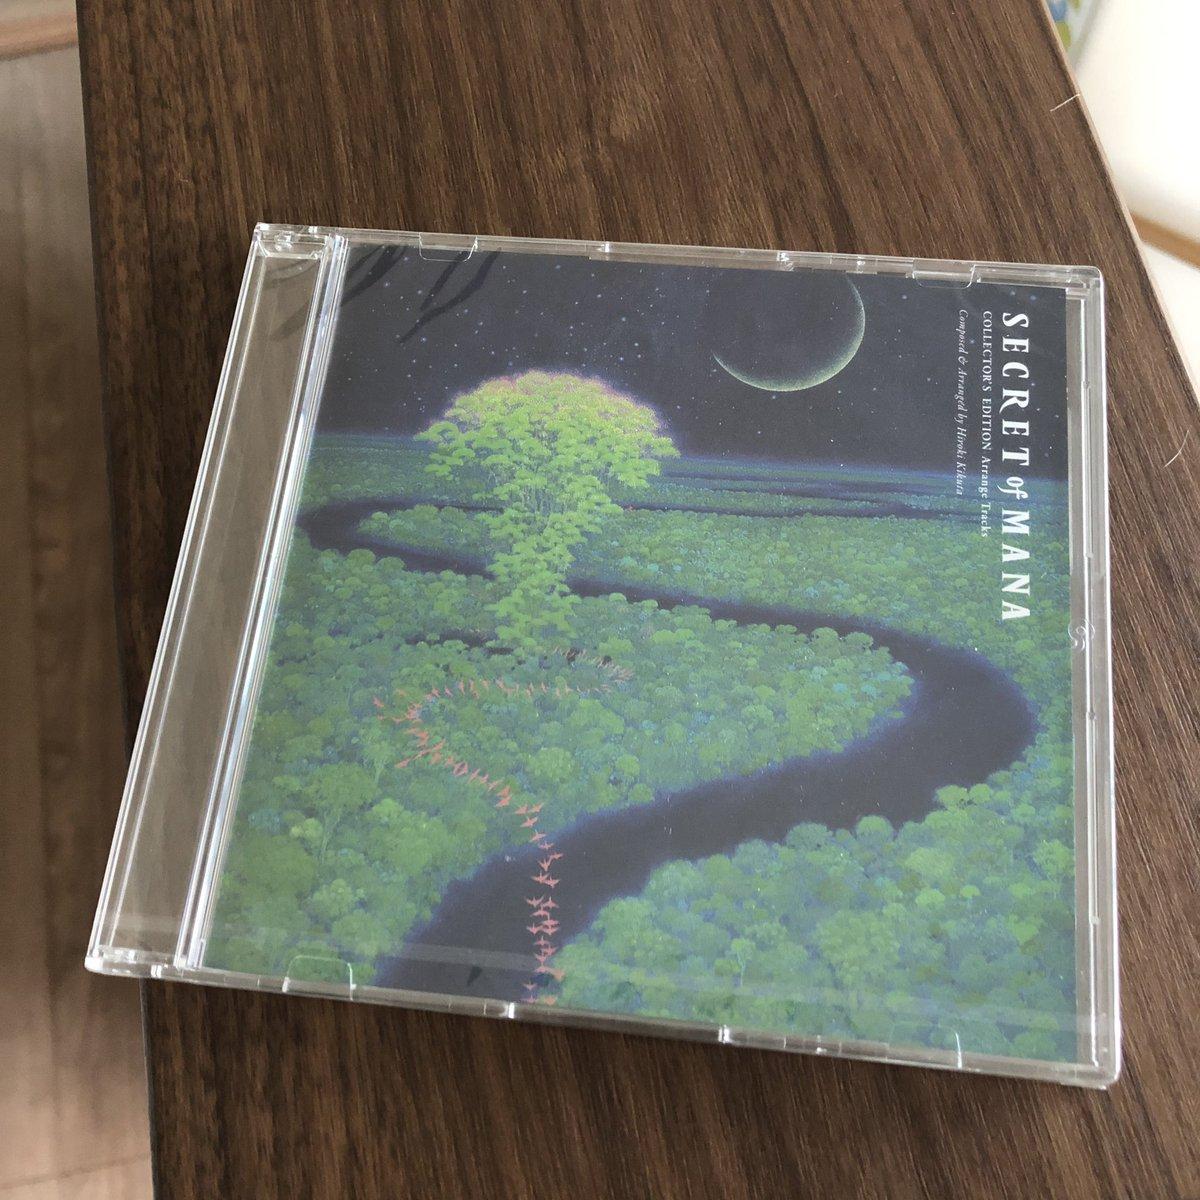 test ツイッターメディア - 聖剣2SoMコレクターズパックの同梱CDが届いたので1日聴いてた https://t.co/cMCoc21onX